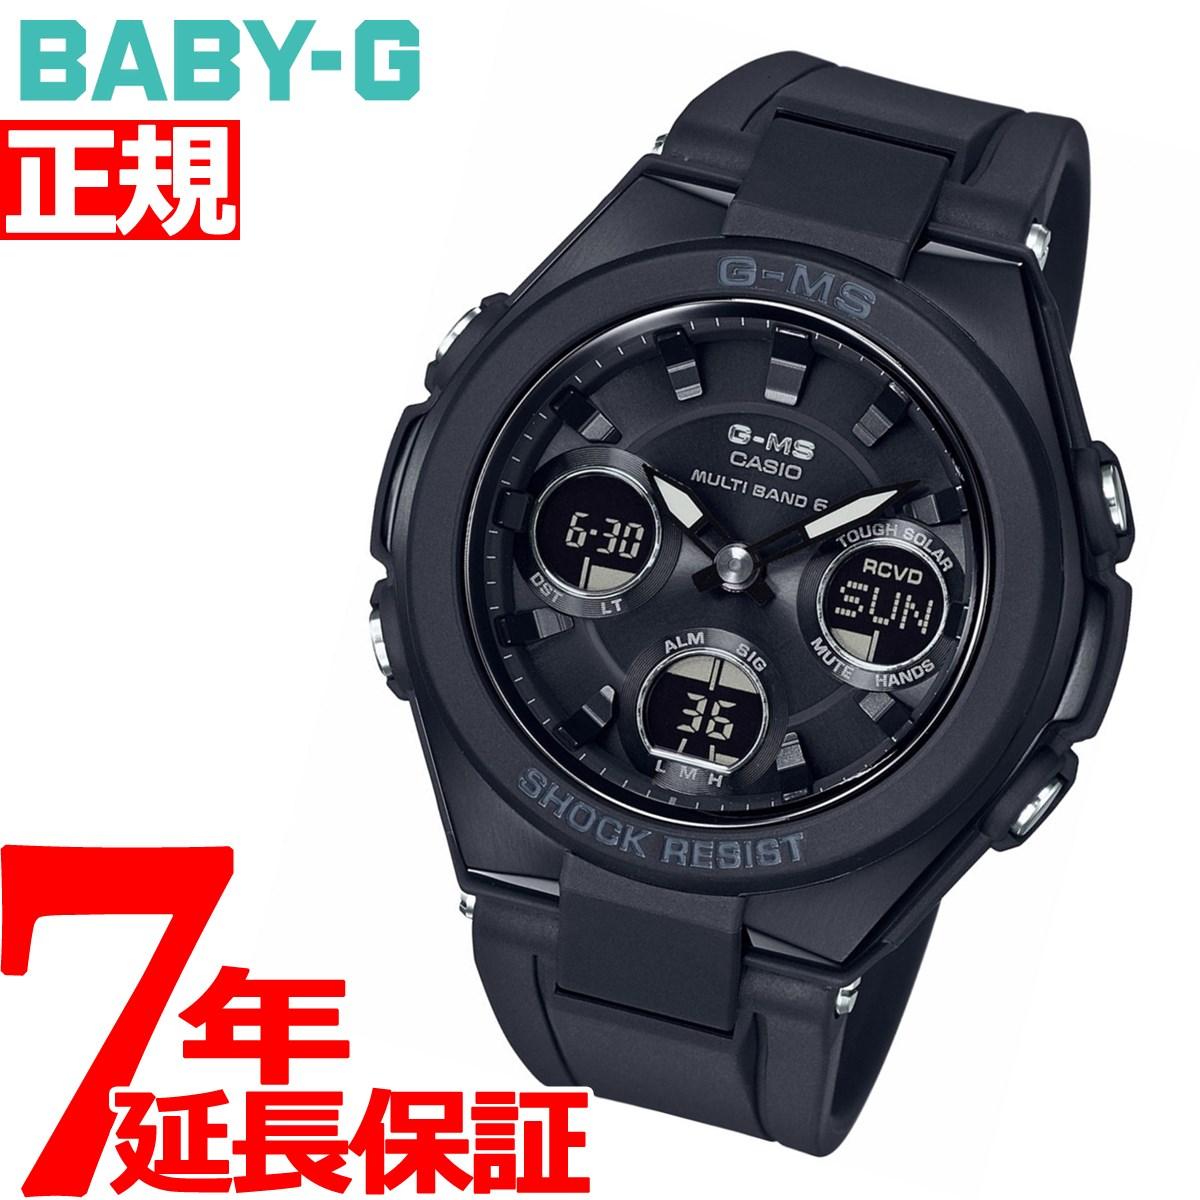 カシオ ベビーG CASIO BABY-G G-MS 電波 ソーラー 電波時計 腕時計 レディース タフソーラー MSG-W100G-1AJF